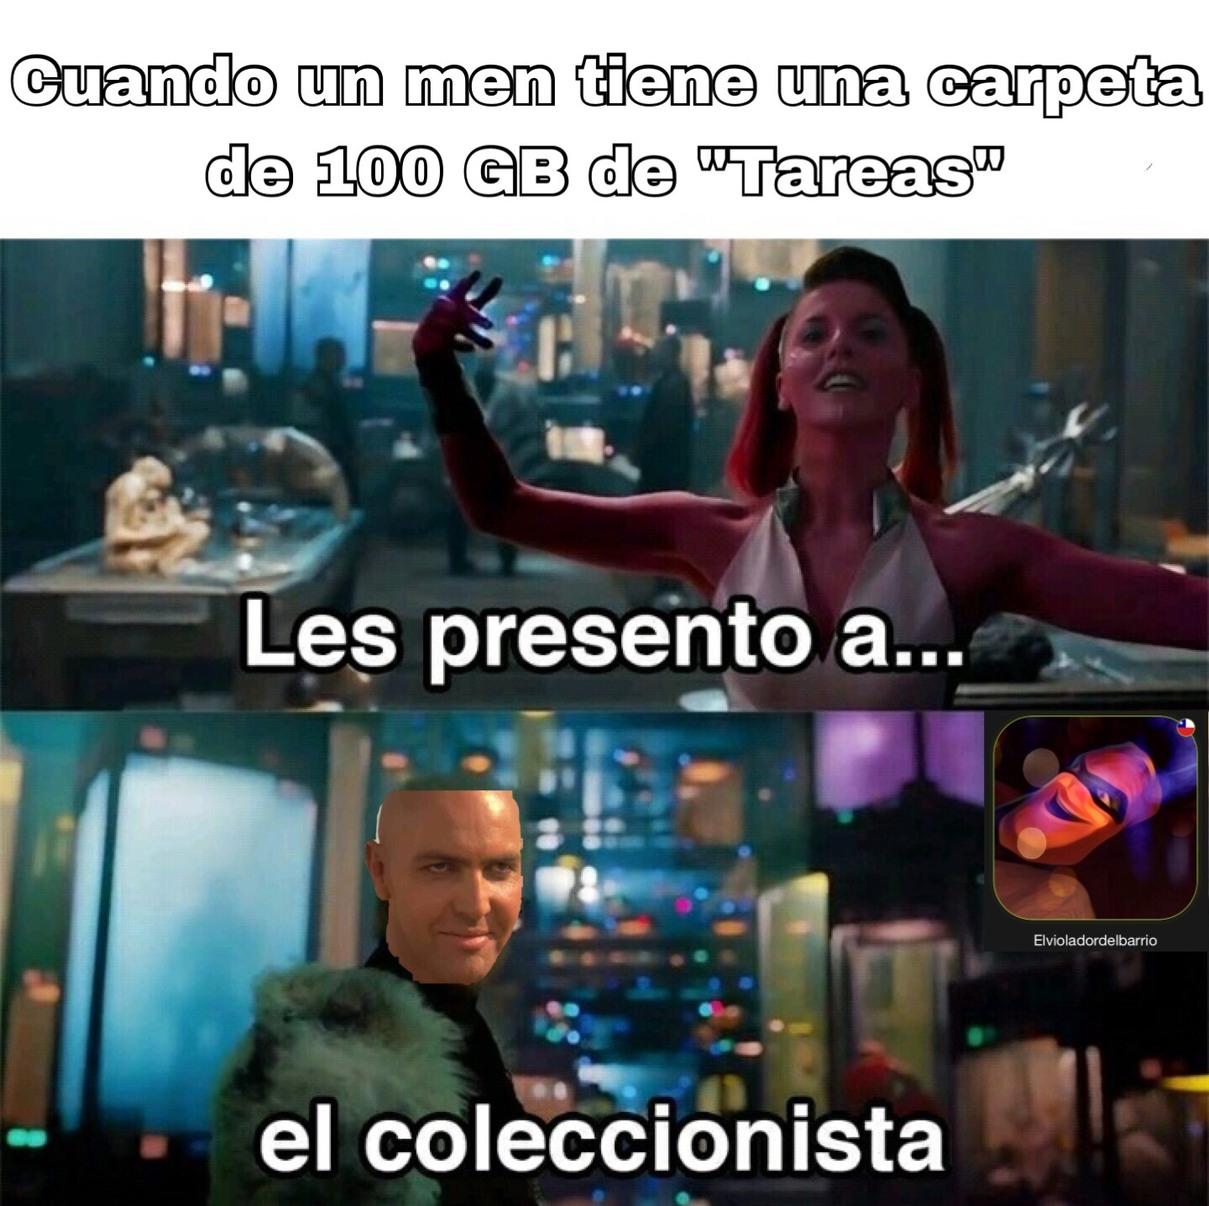 El coleccionista de tareas - meme